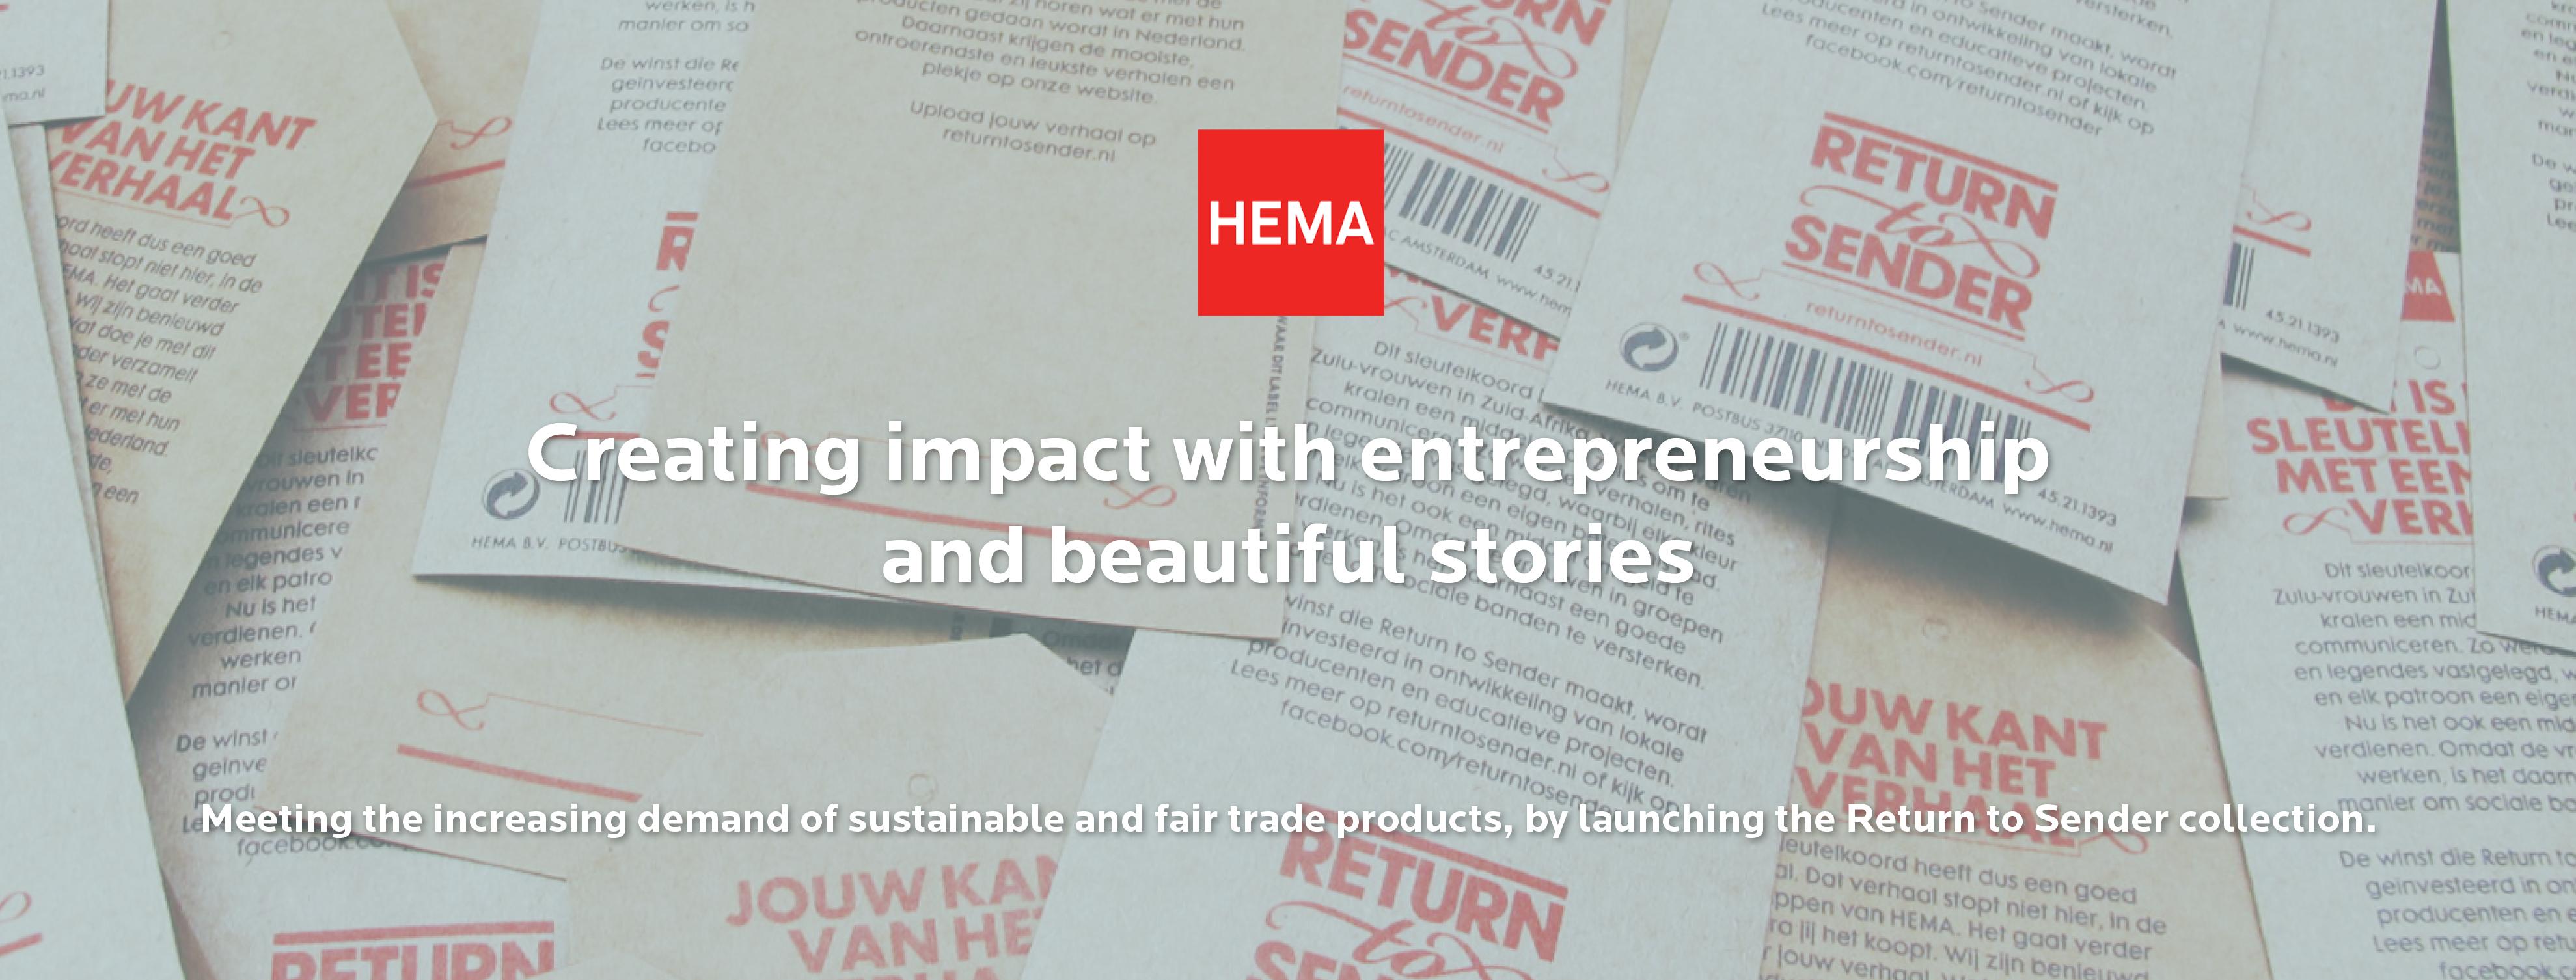 Creating sustainable impact at Hema